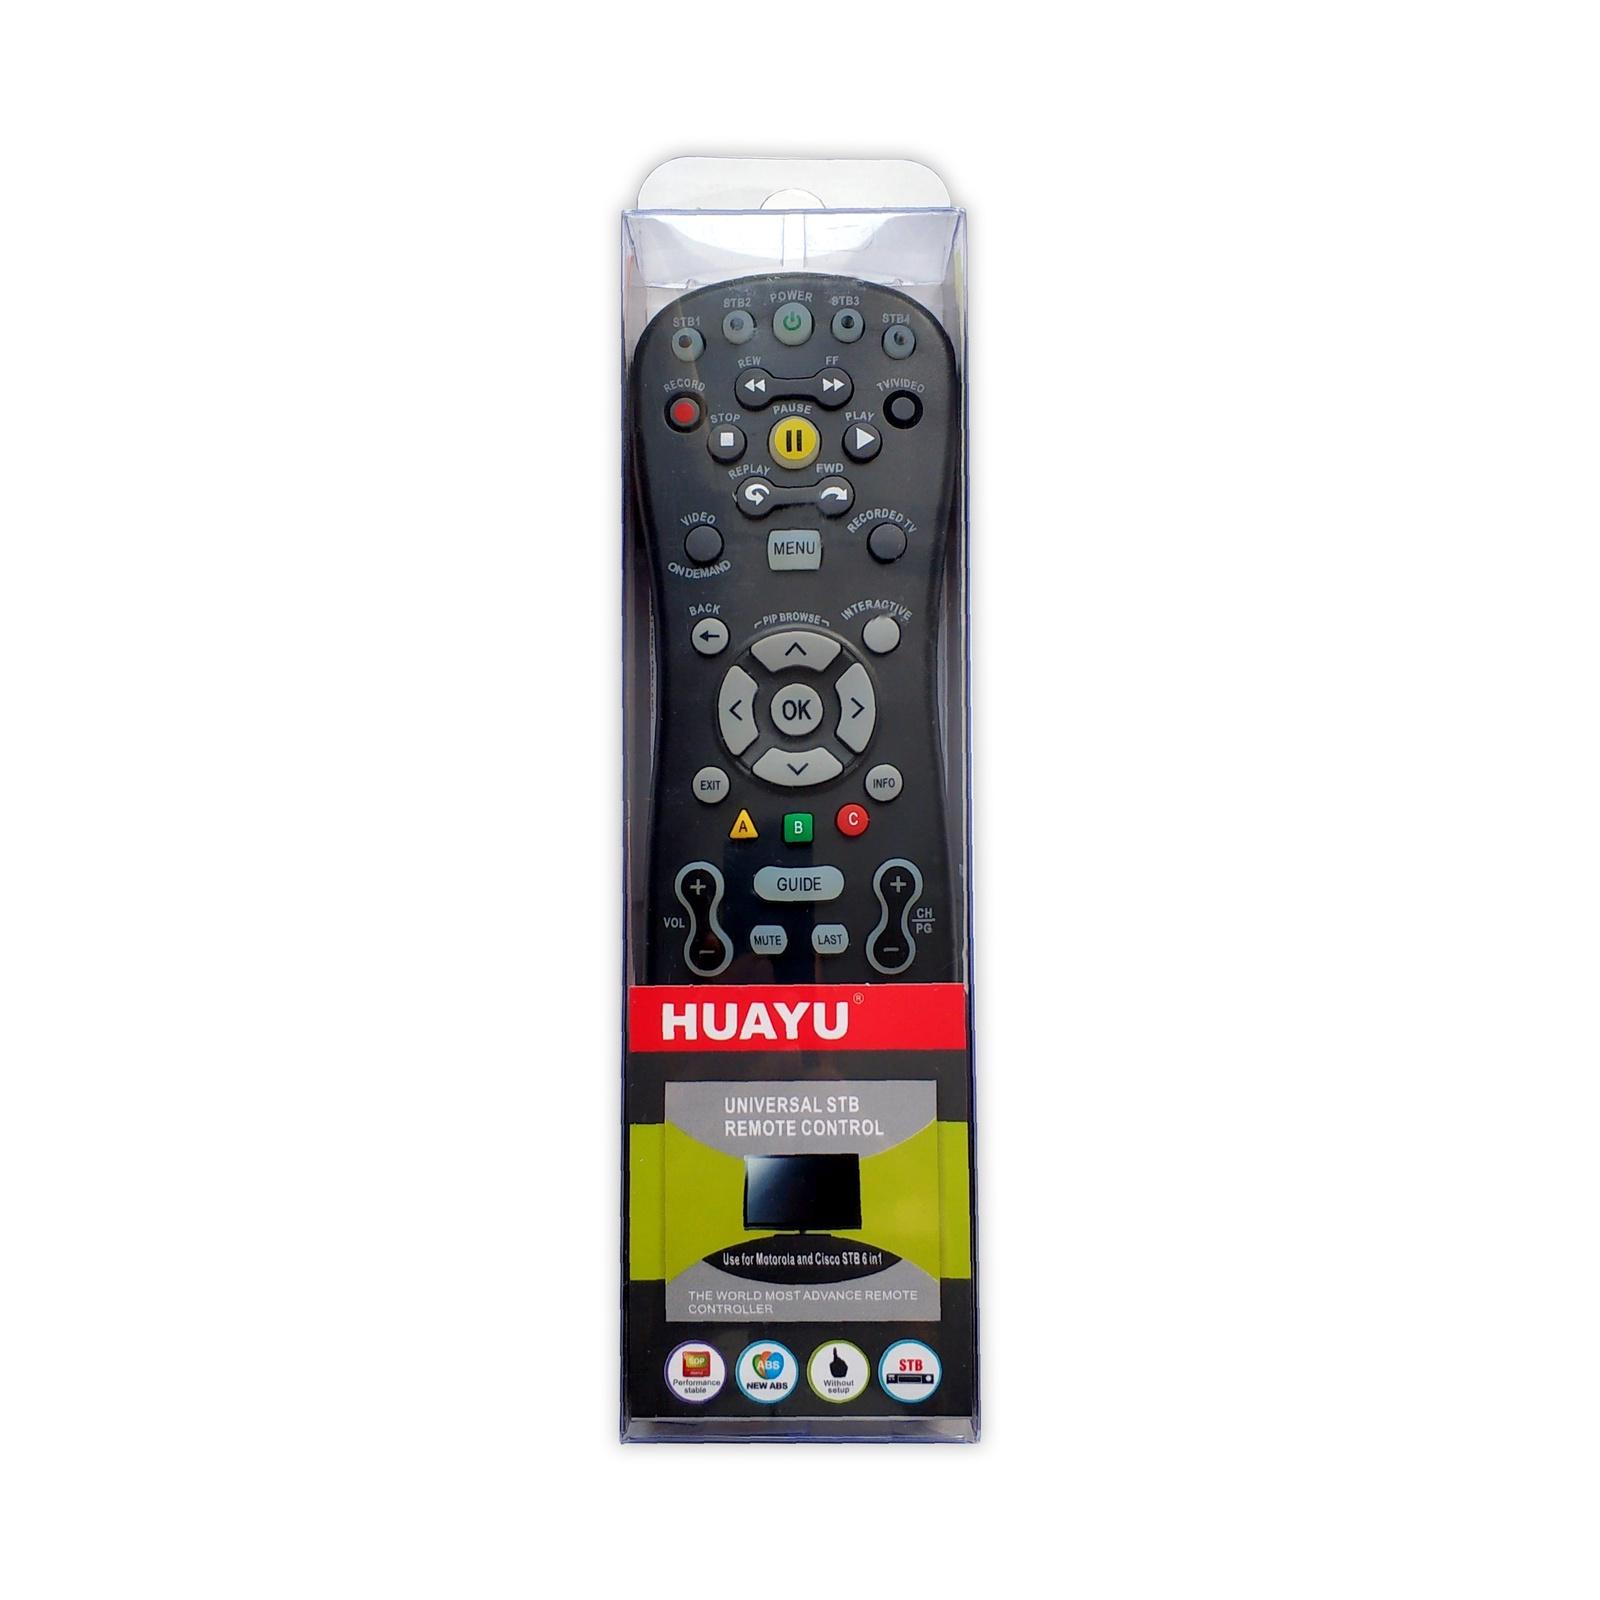 Пульт ДУ HUAYU Пульт Универсальный Билайн mxv3 ТВ, черный HUAYU